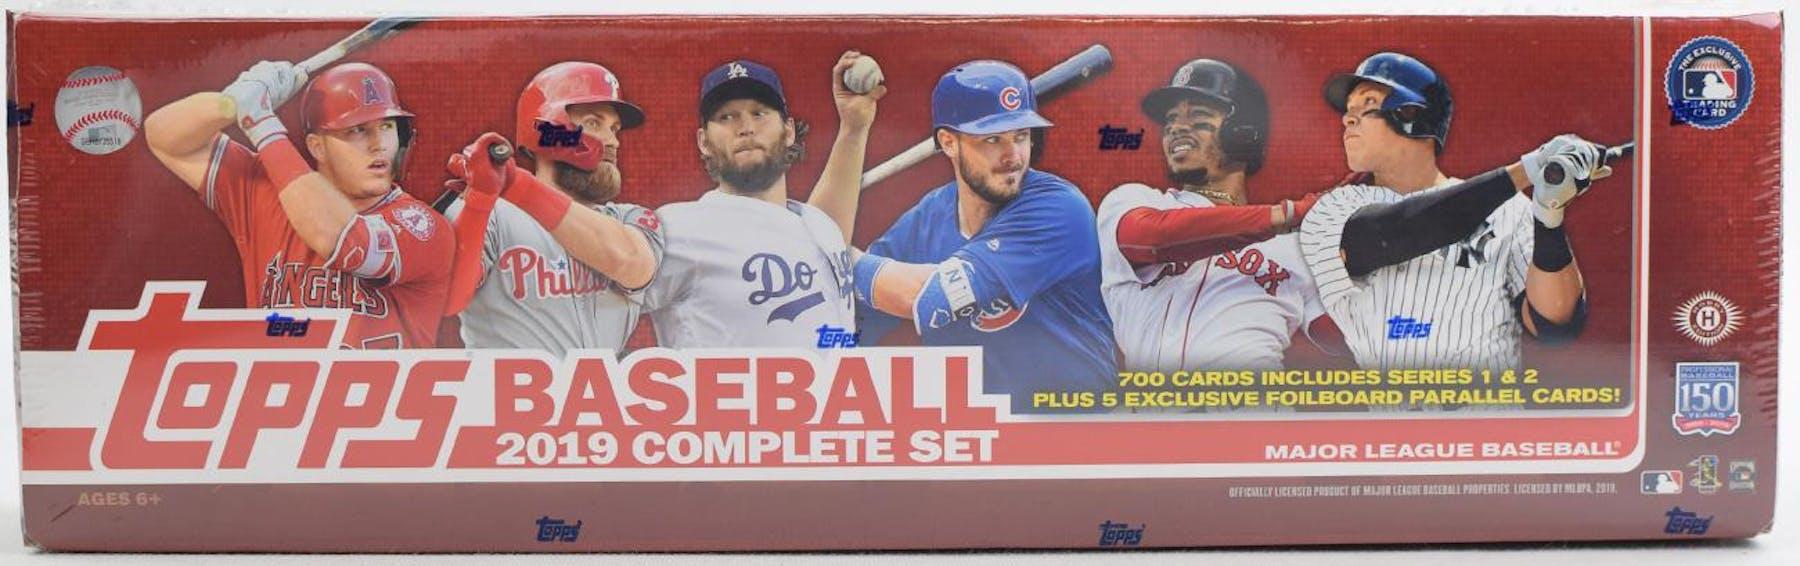 2019 Topps Factory Set Baseball Hobby Box